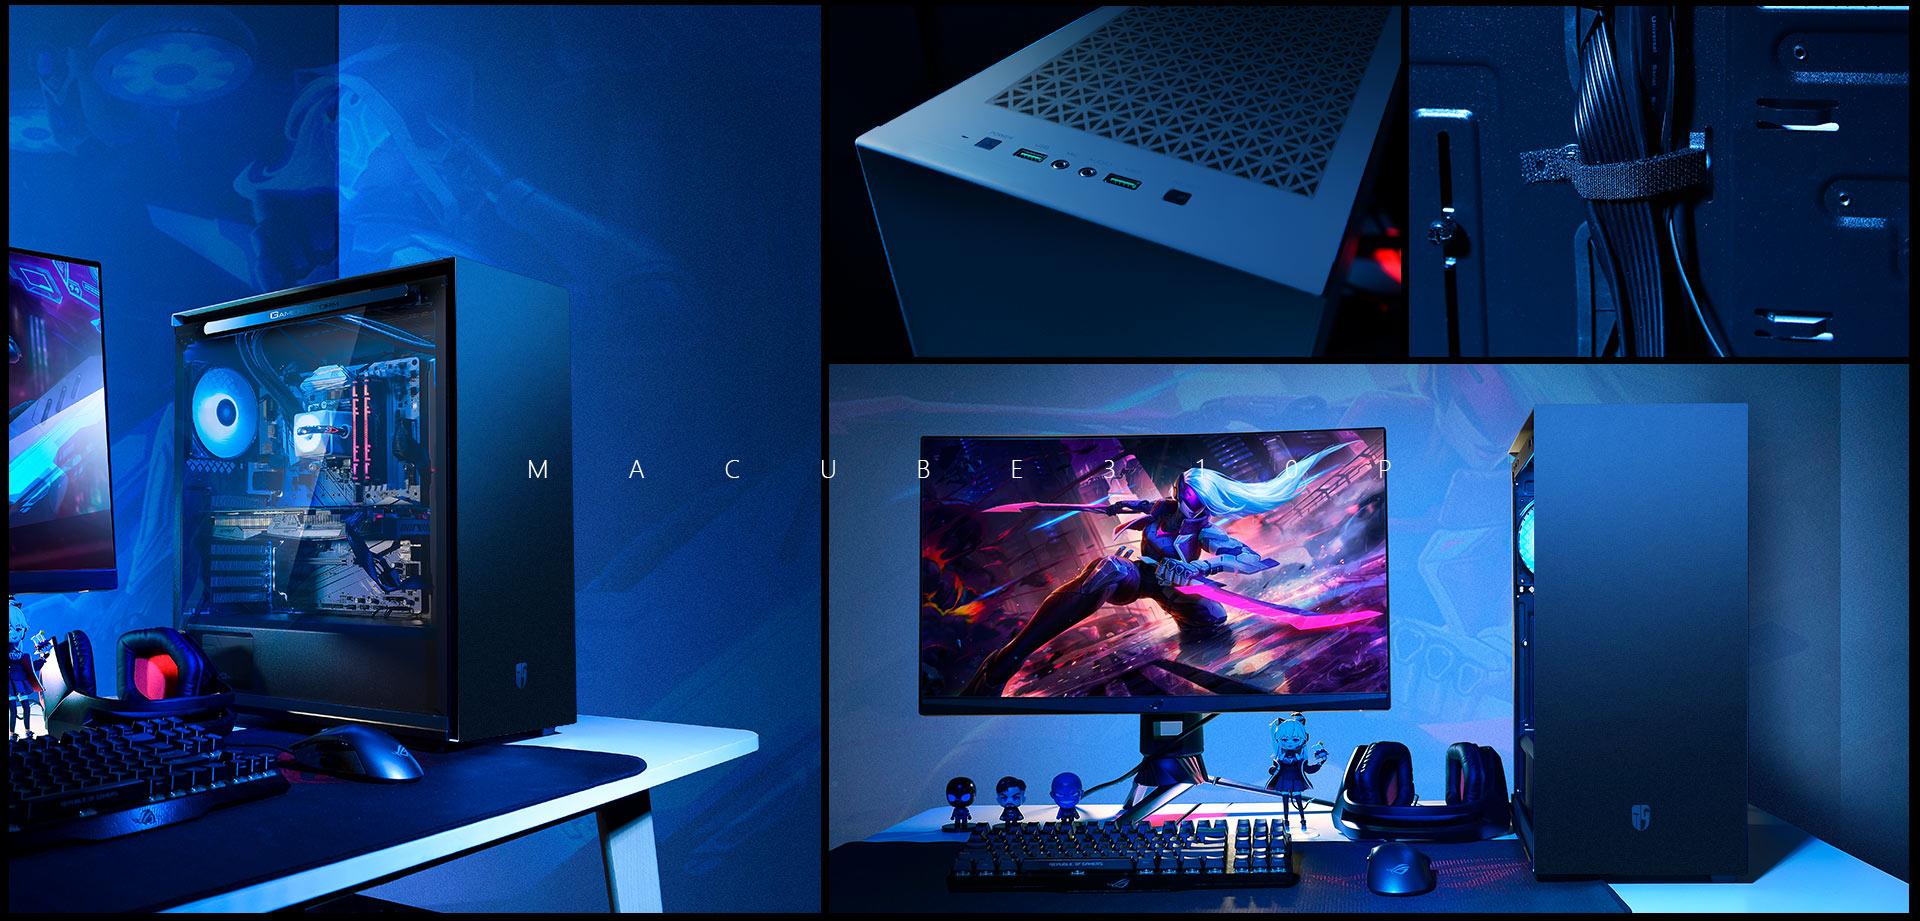 deepcool-macube-310p-promo.jpg